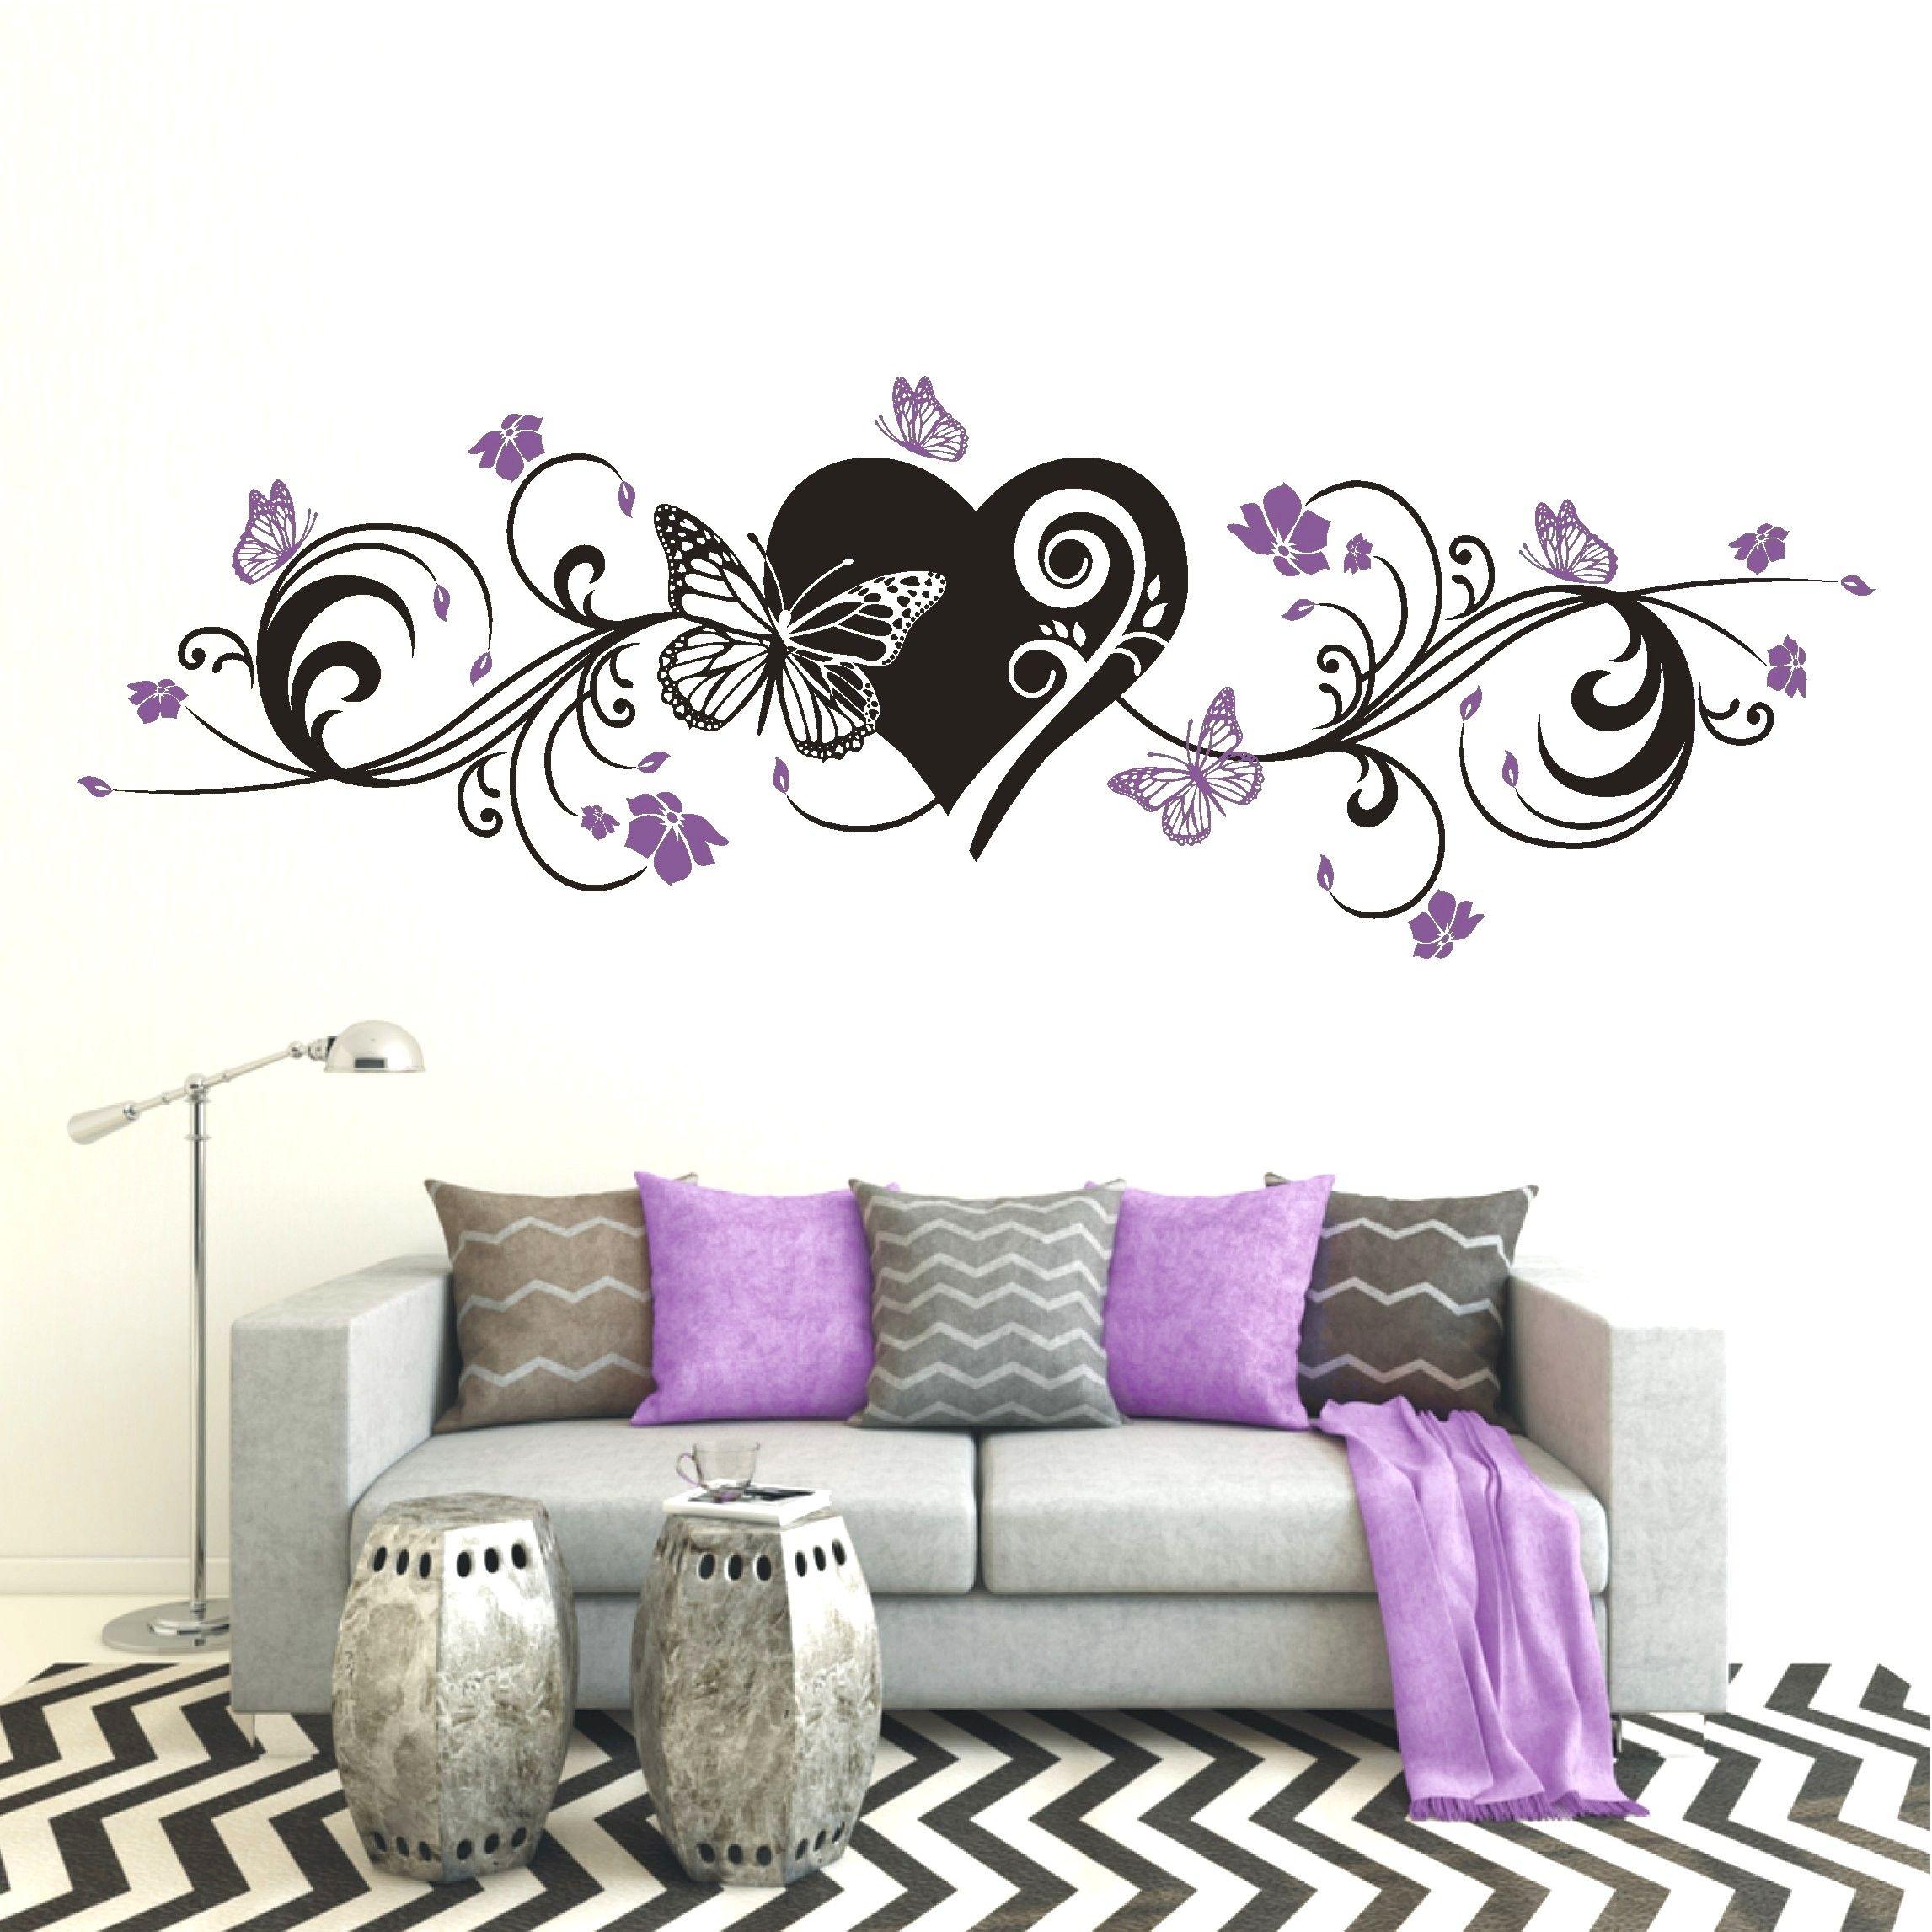 Wandtattoo Selber Malen Wandtattoo 3d Wanddekor Blumenranken